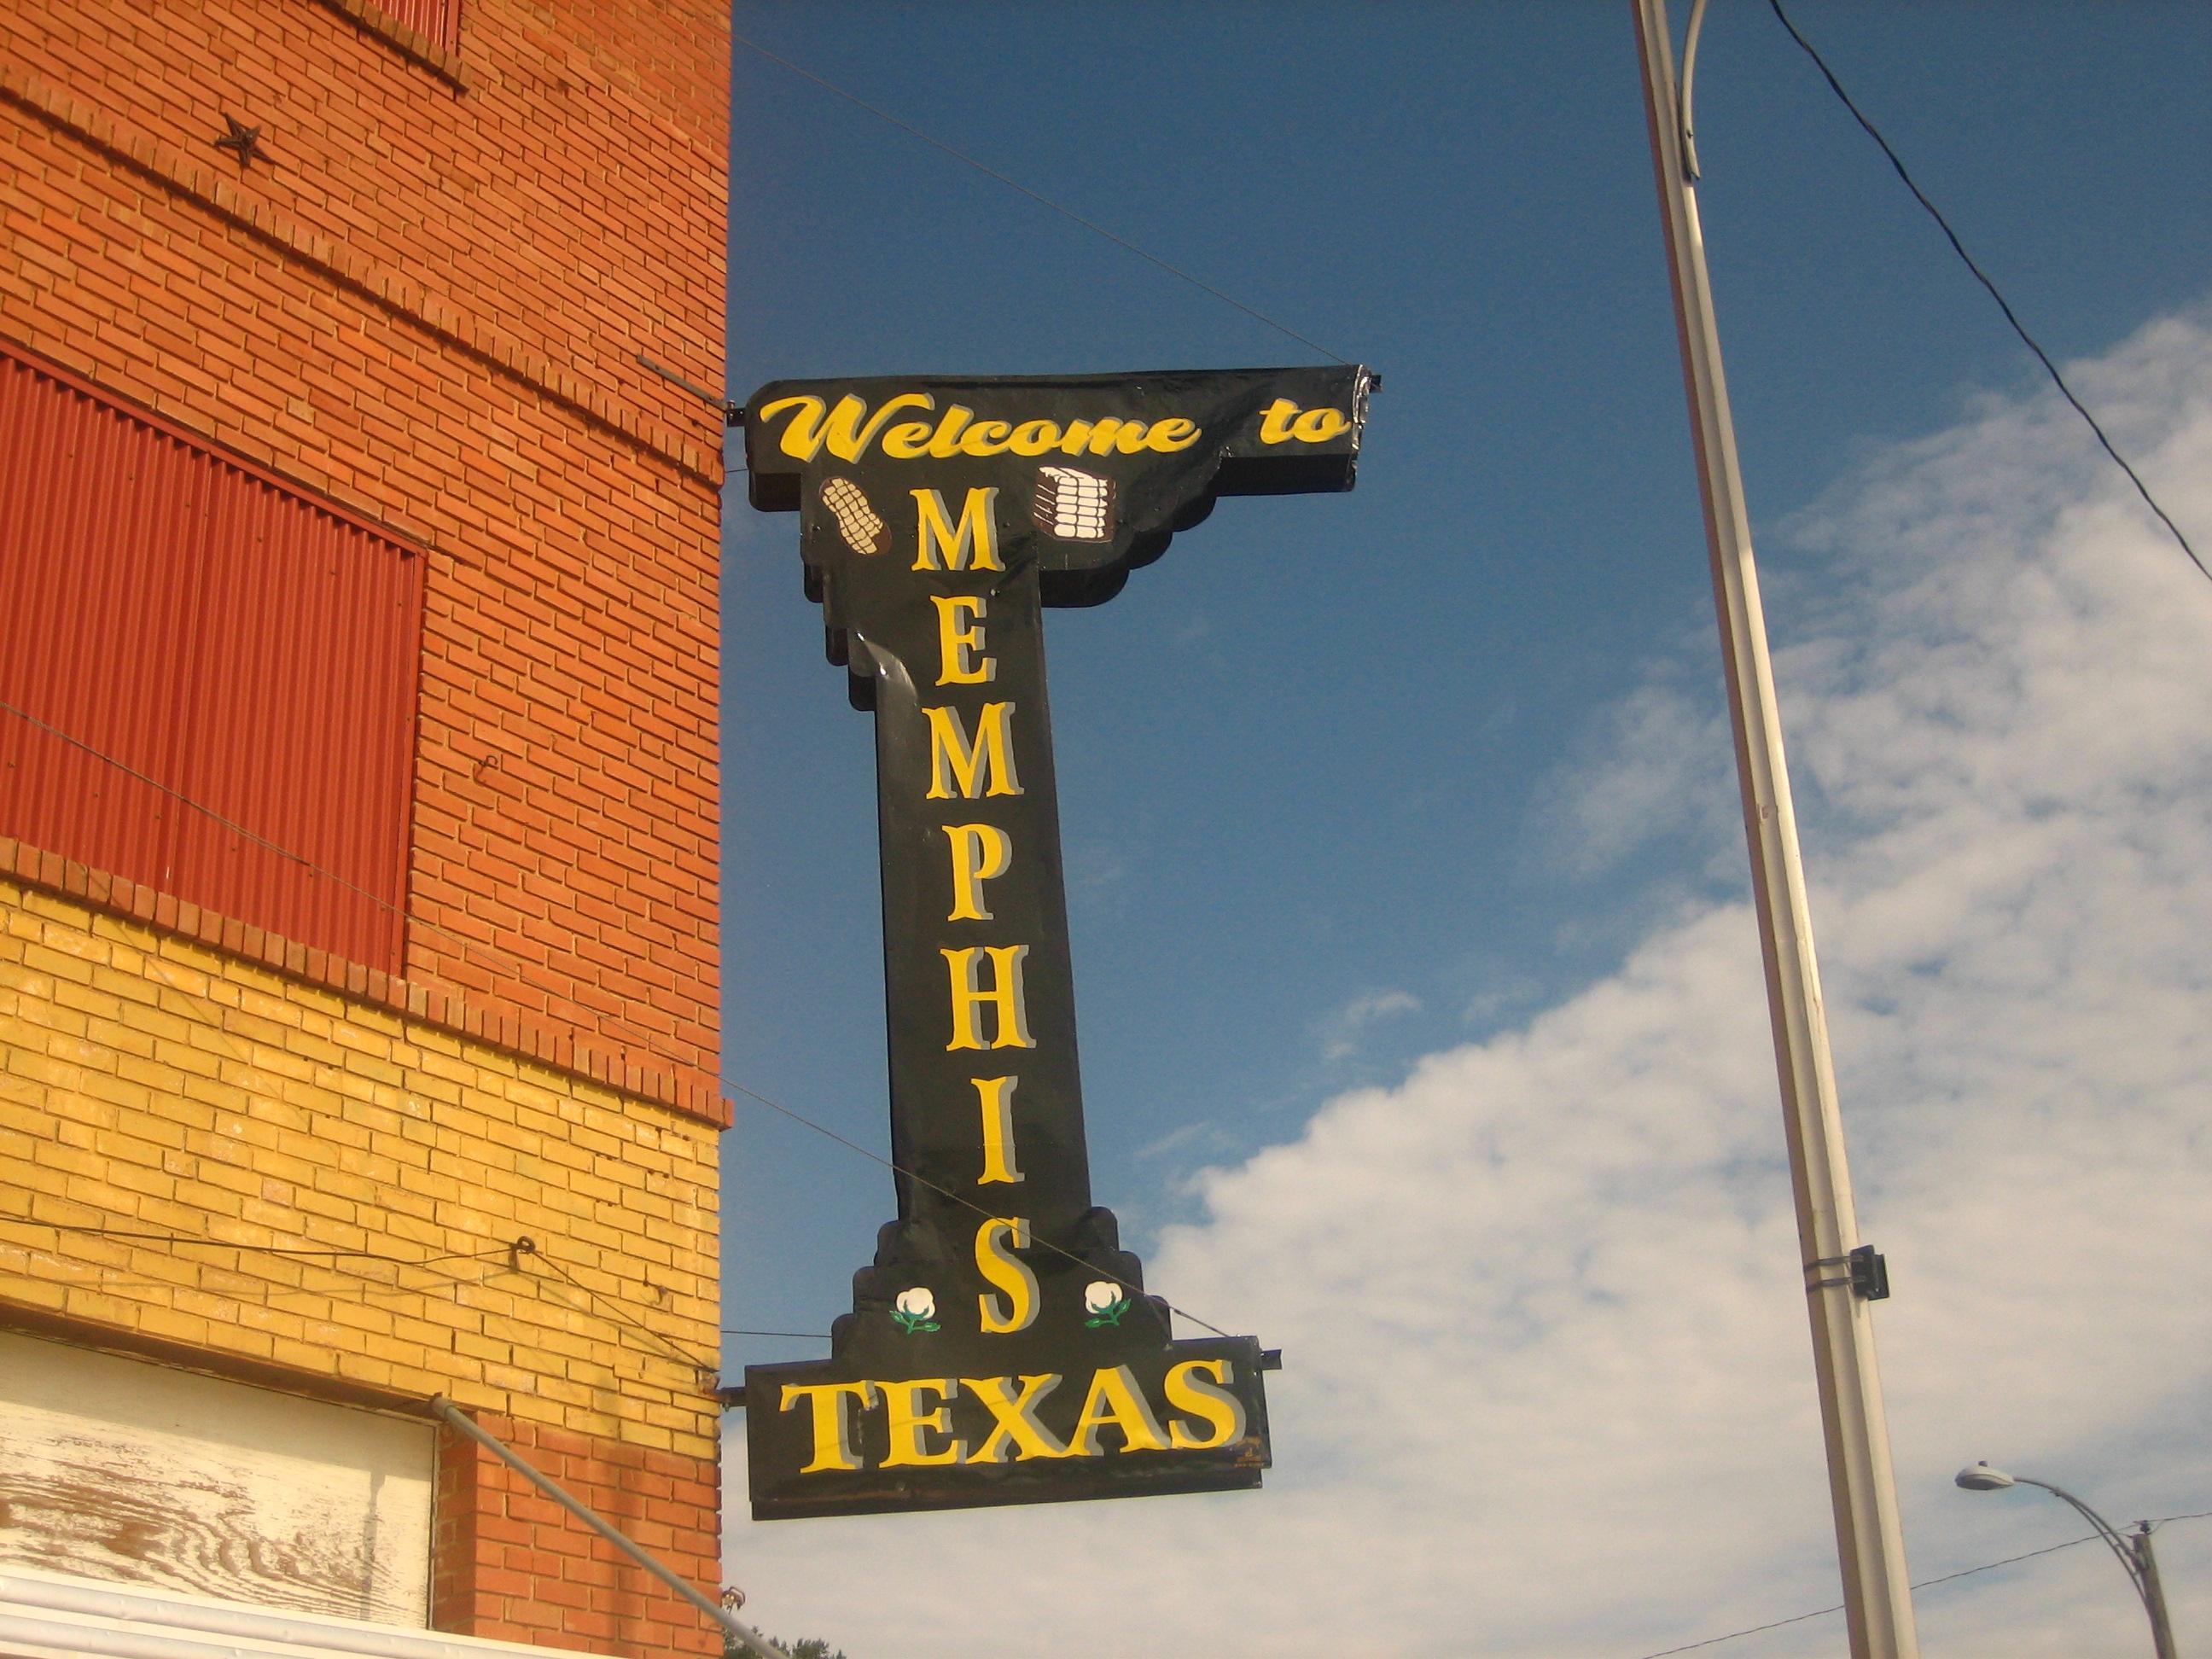 メンフィス (テキサス州)